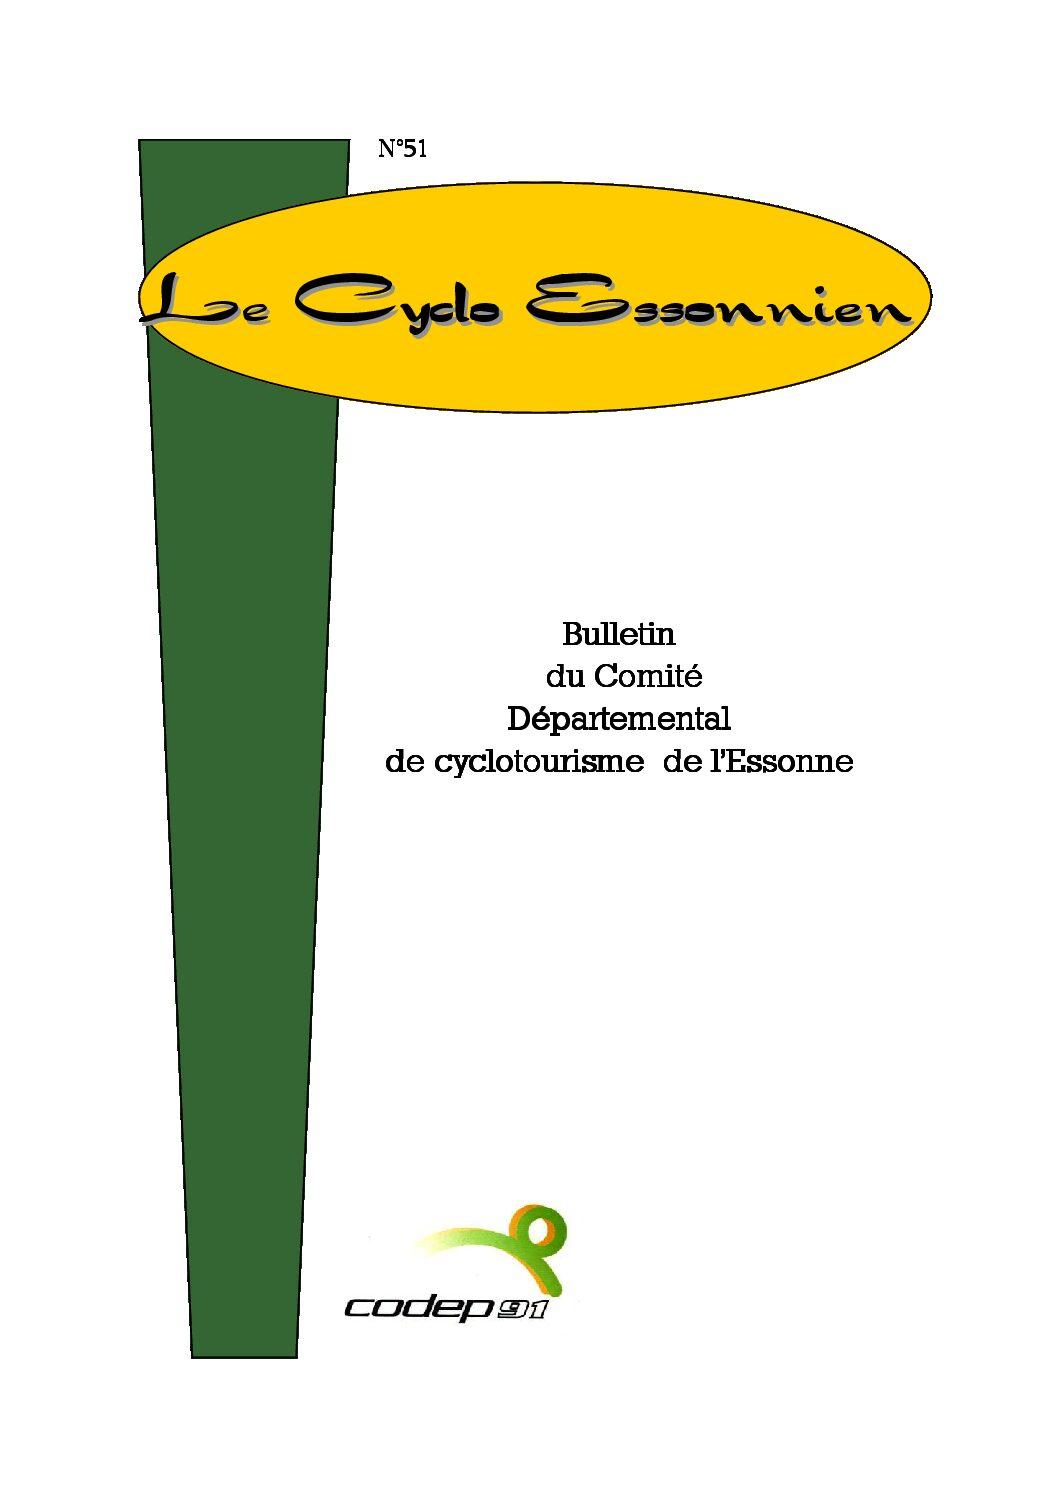 Le Cyclo Essonnien n°51